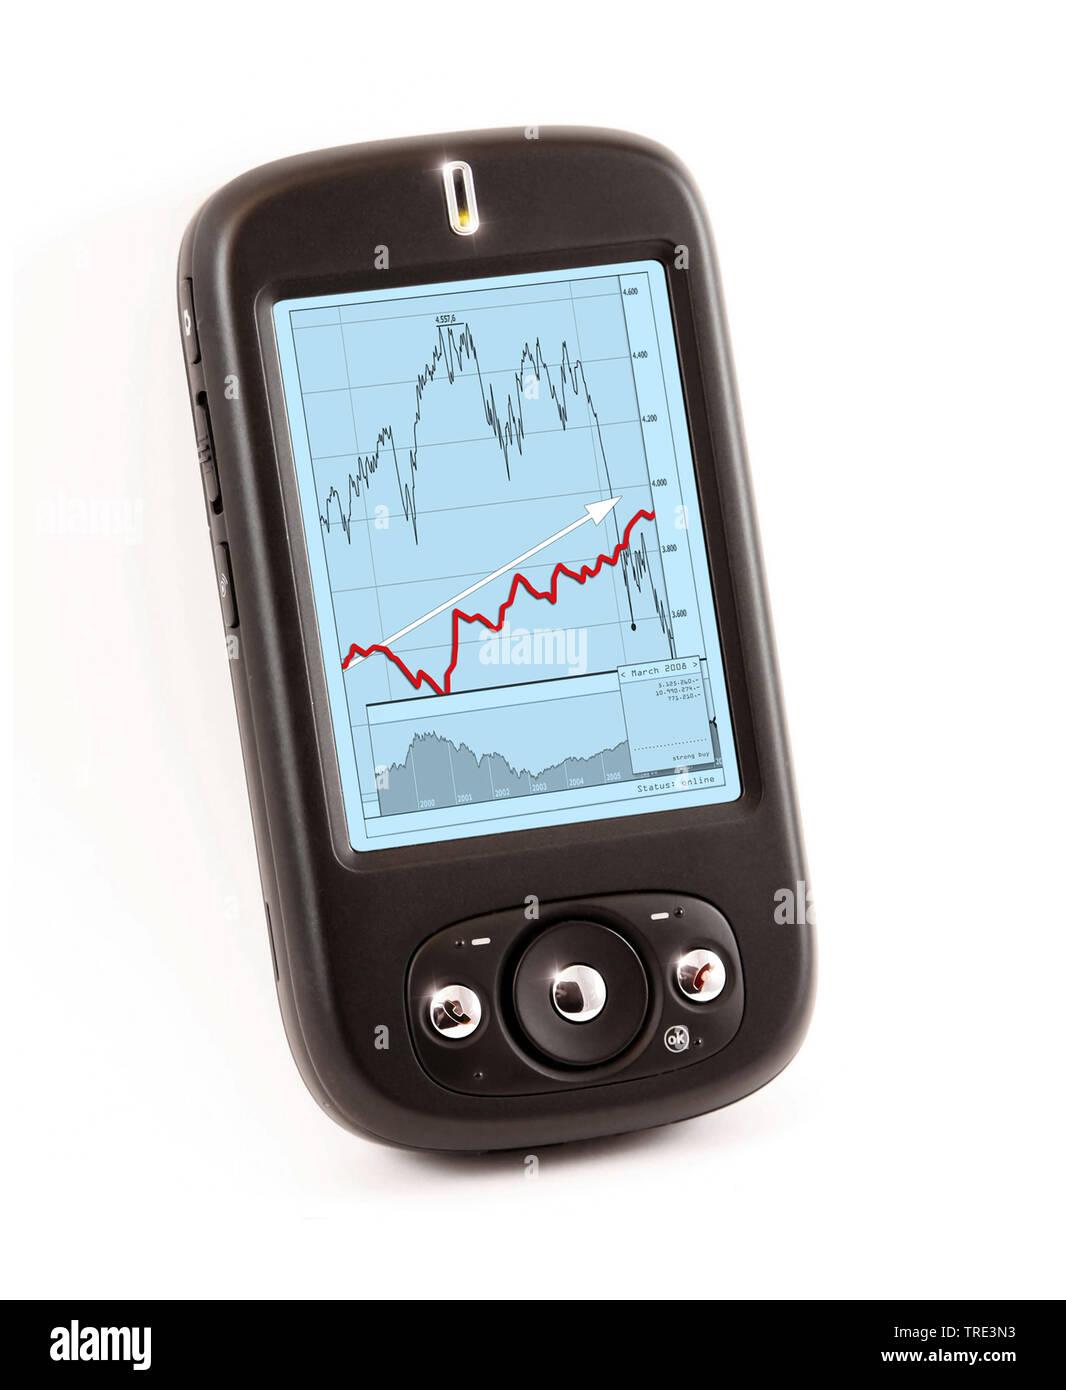 Aelteres Mobiltelefon mit Darstellung von Aktienkursen auf dem Bildschirm | Outdated mobile phone with share prices displayed on the touch screen | BL - Stock Image